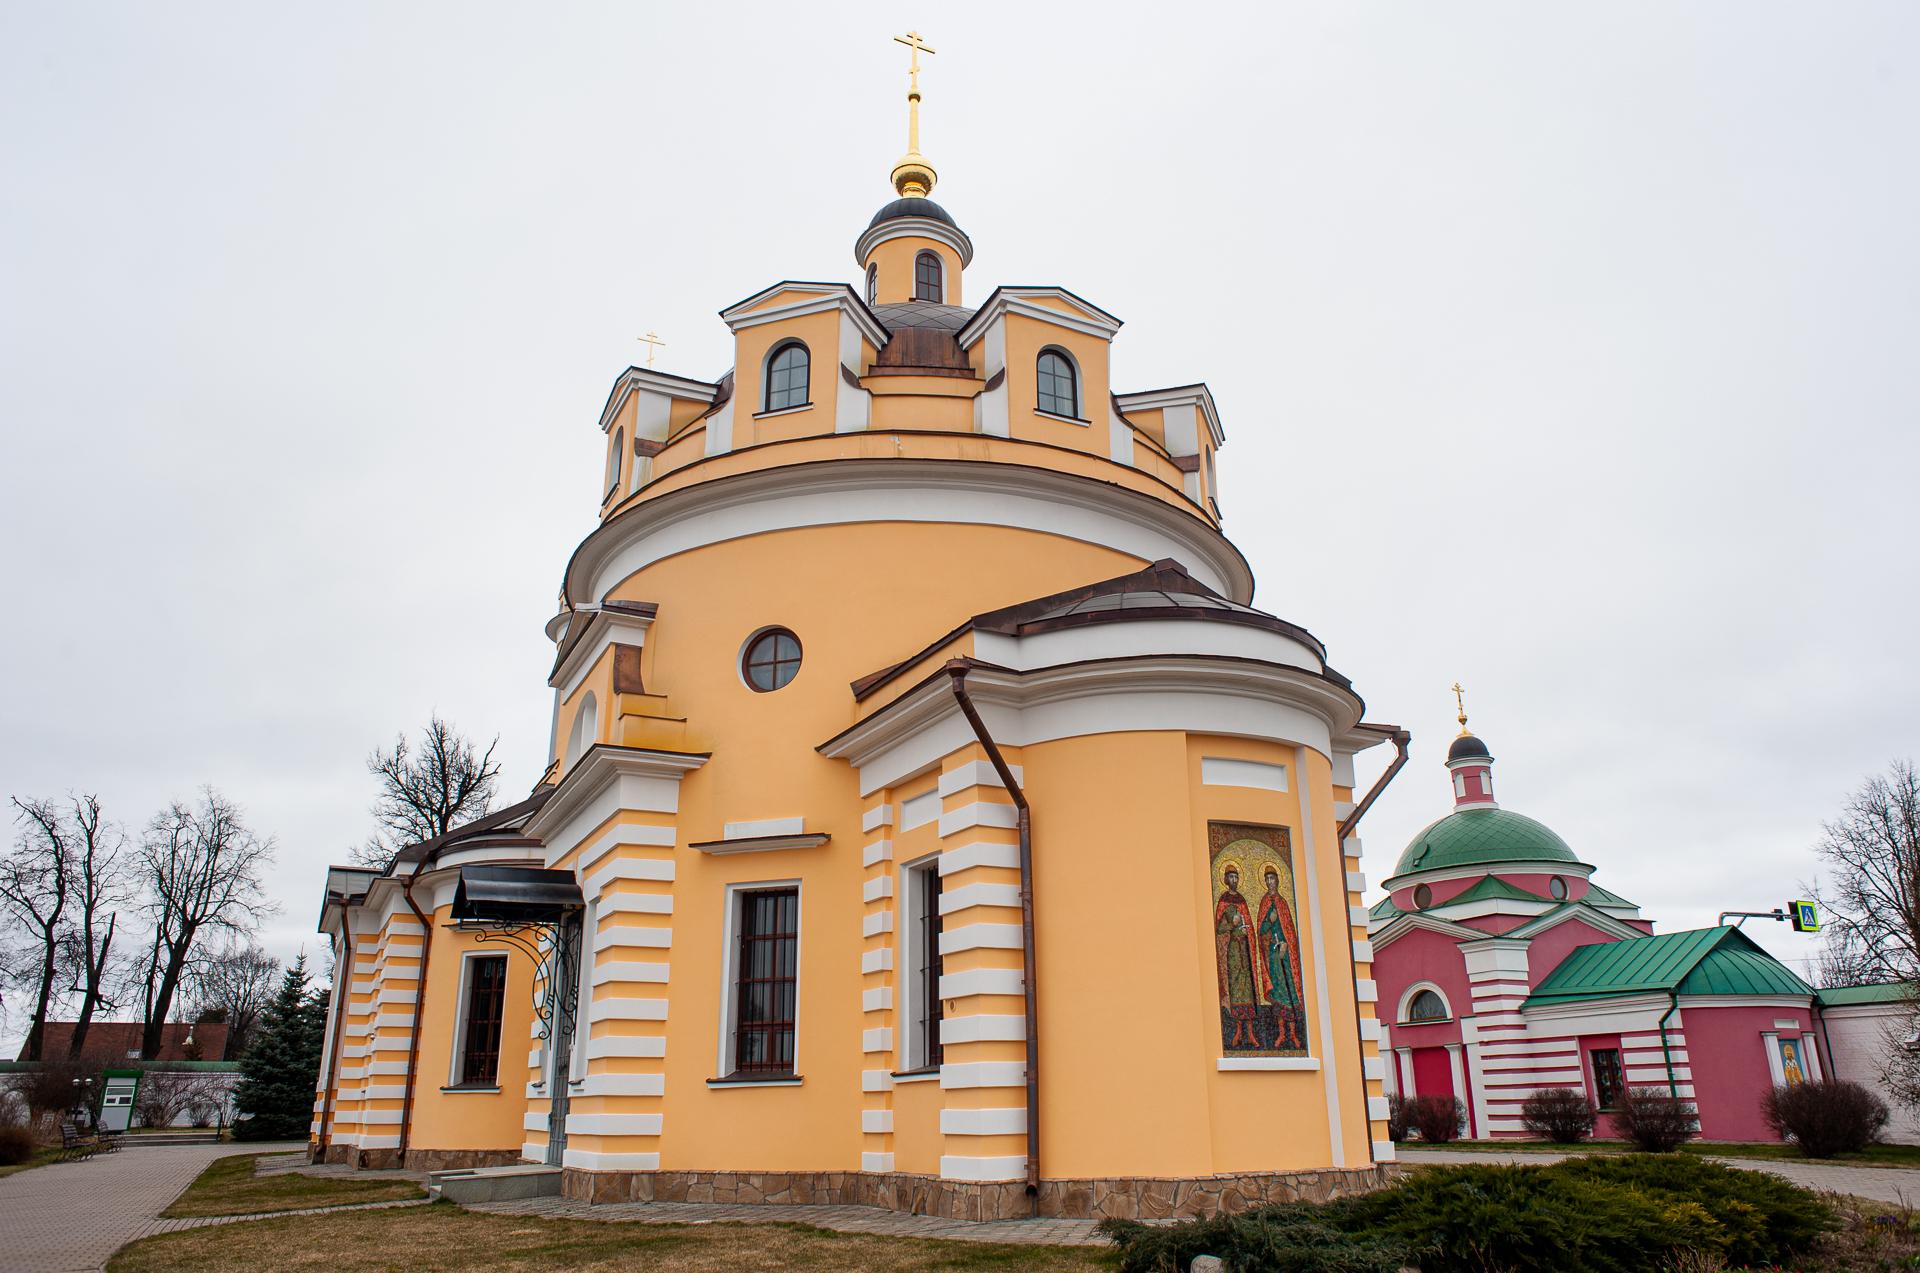 Аносино, Аносин Борисоглебский Ставропигиальный Женский Монастырь